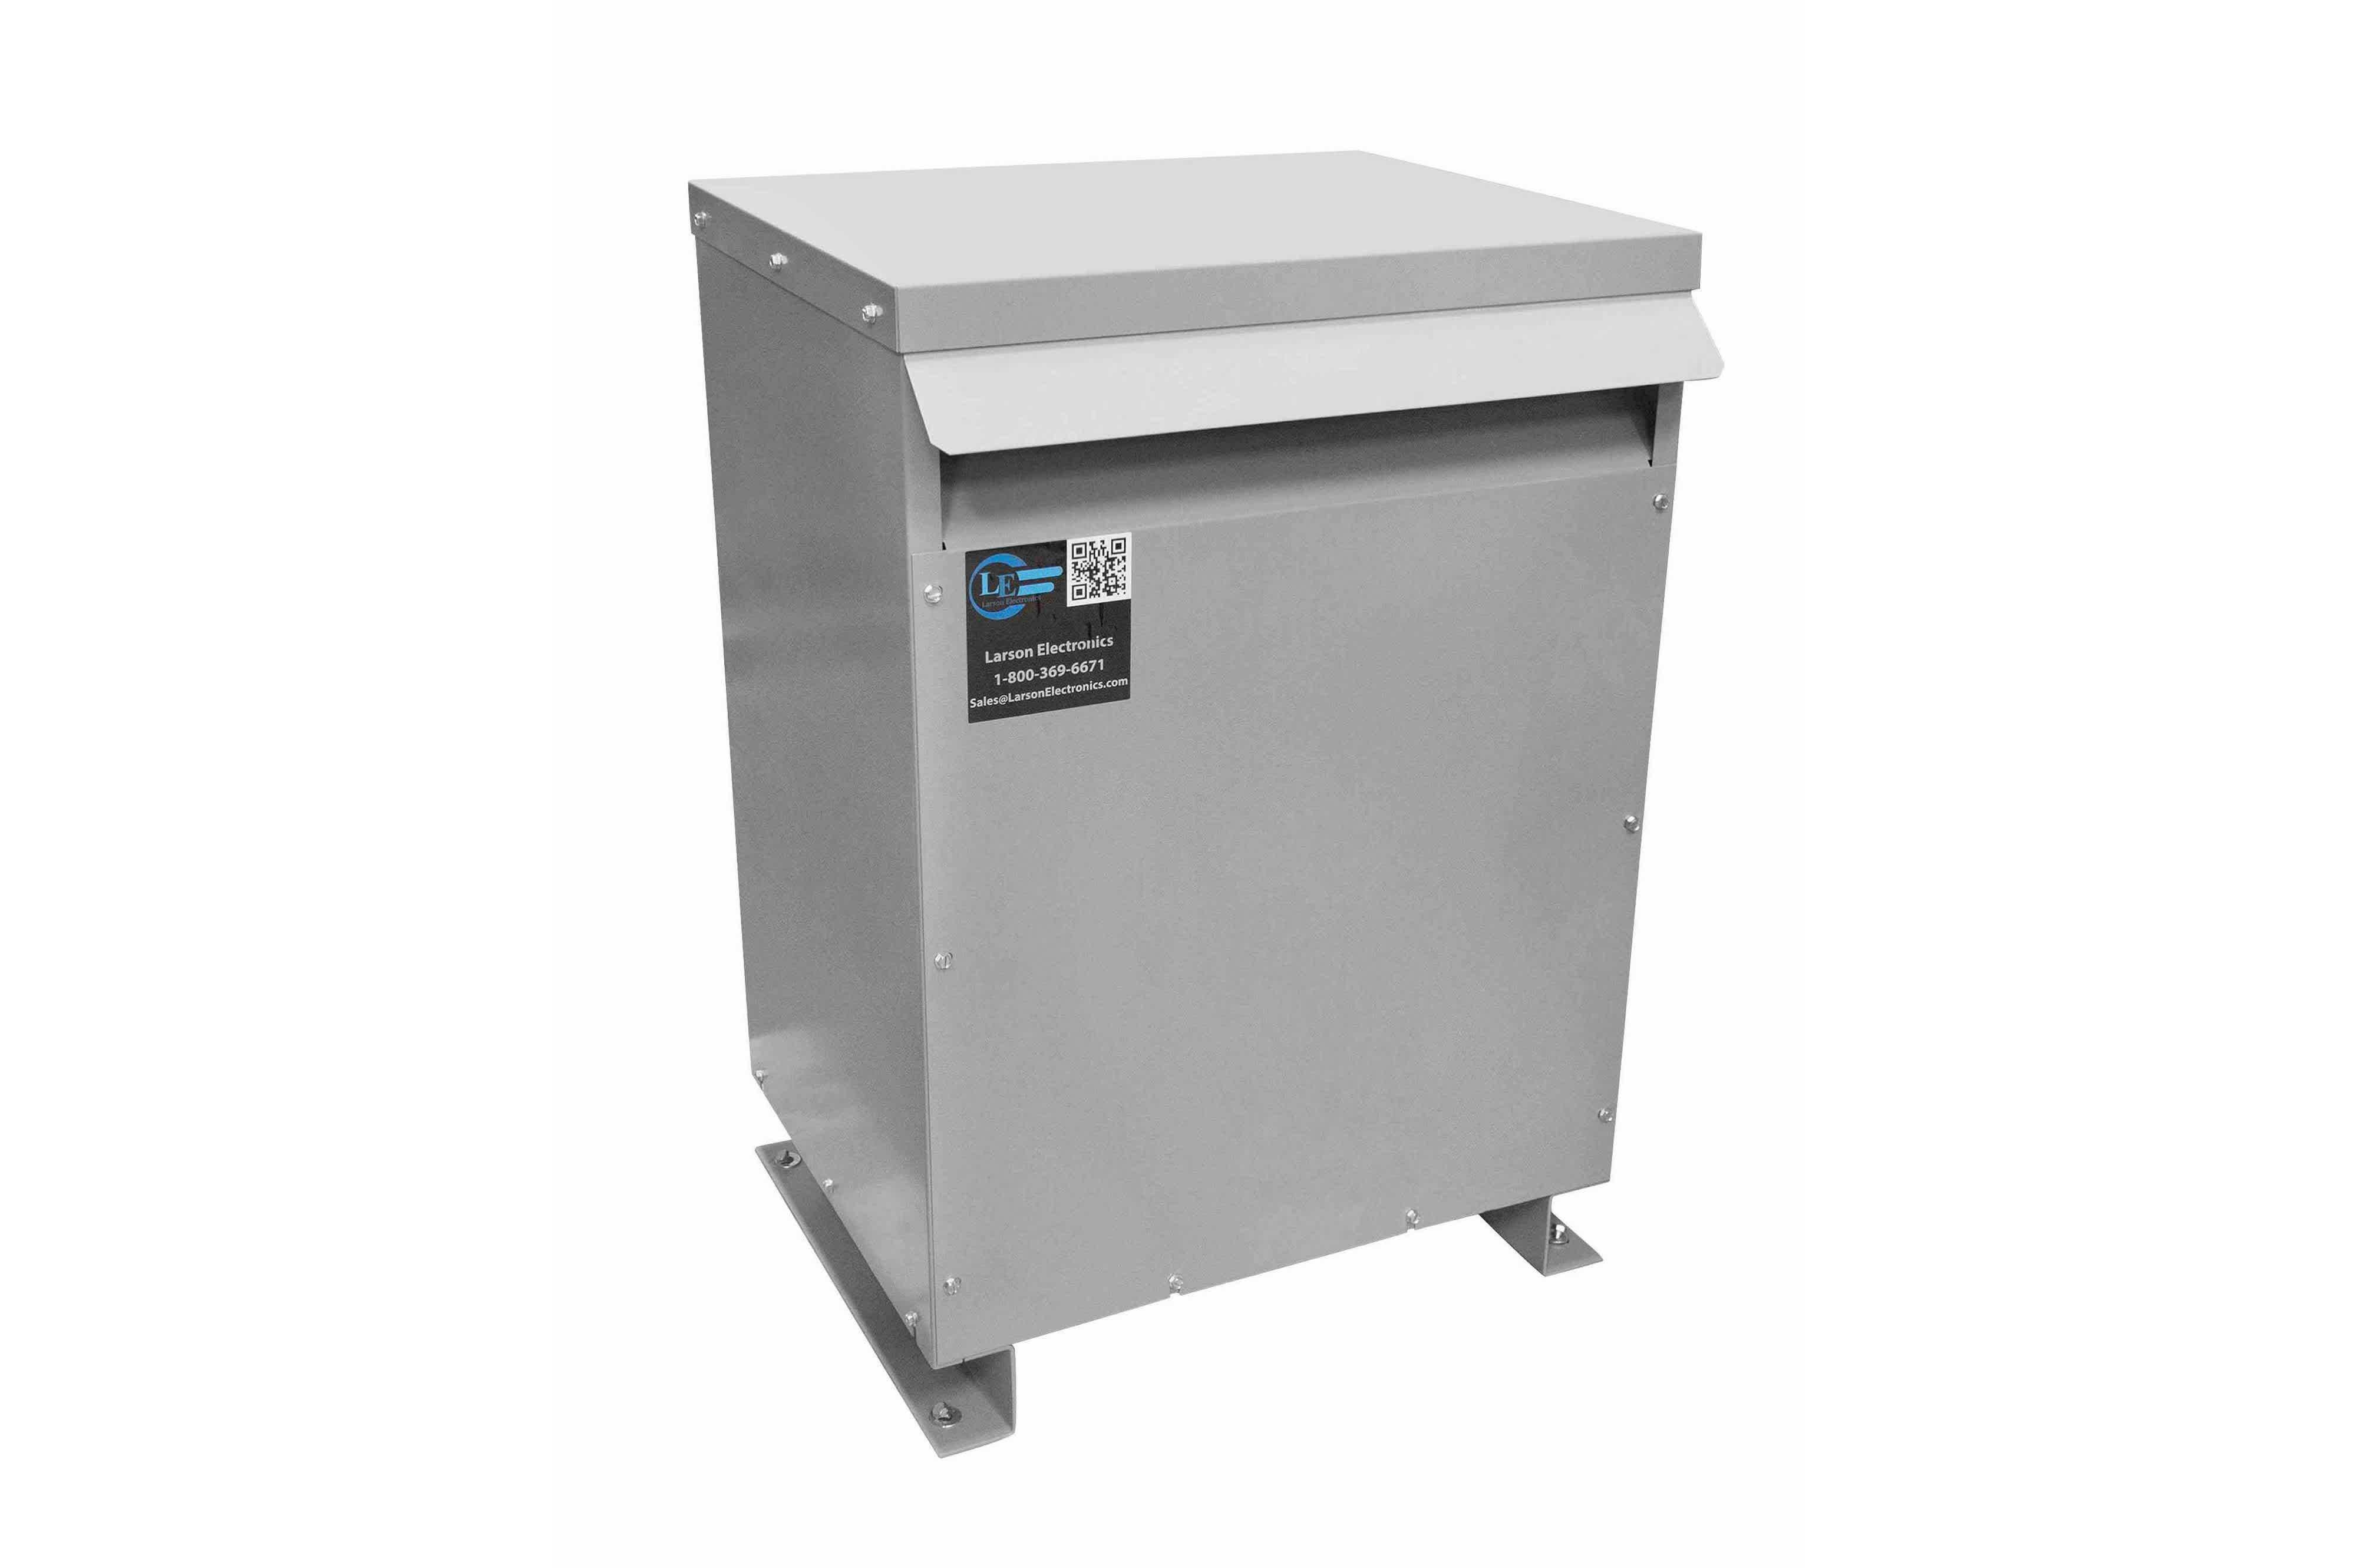 42.5 kVA 3PH Isolation Transformer, 575V Delta Primary, 240 Delta Secondary, N3R, Ventilated, 60 Hz